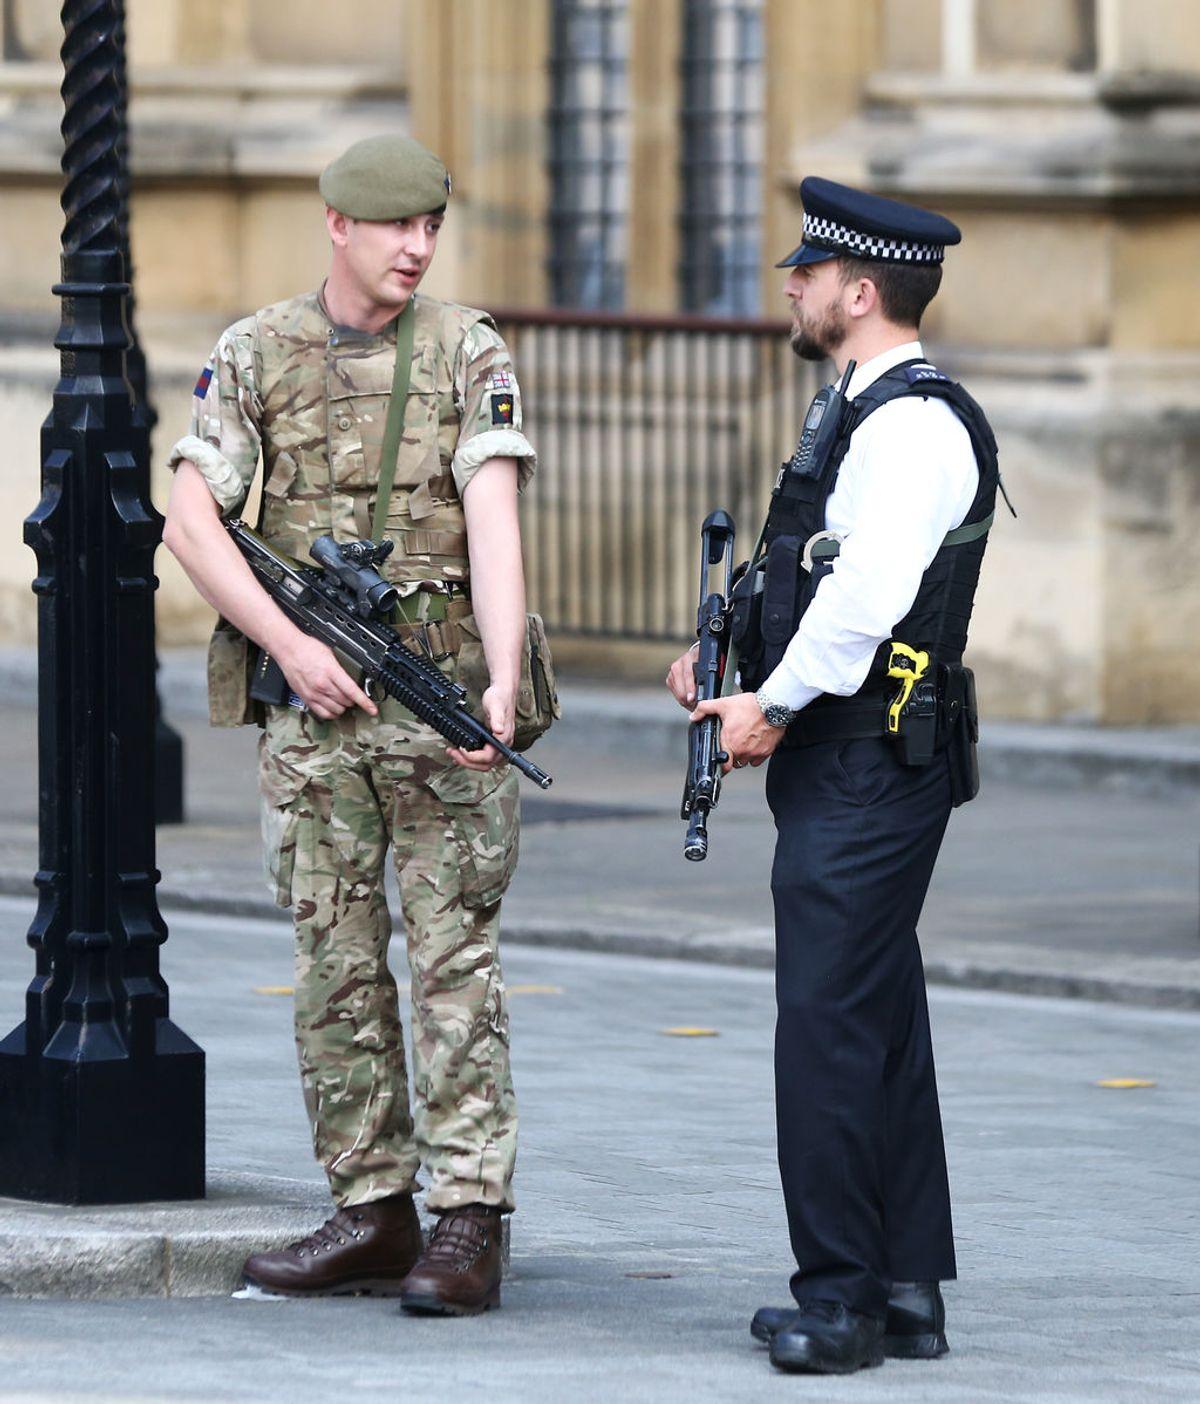 La Policía anuncia un nuevo detenido por su presunta implicación en el atentado del Manchester Arena